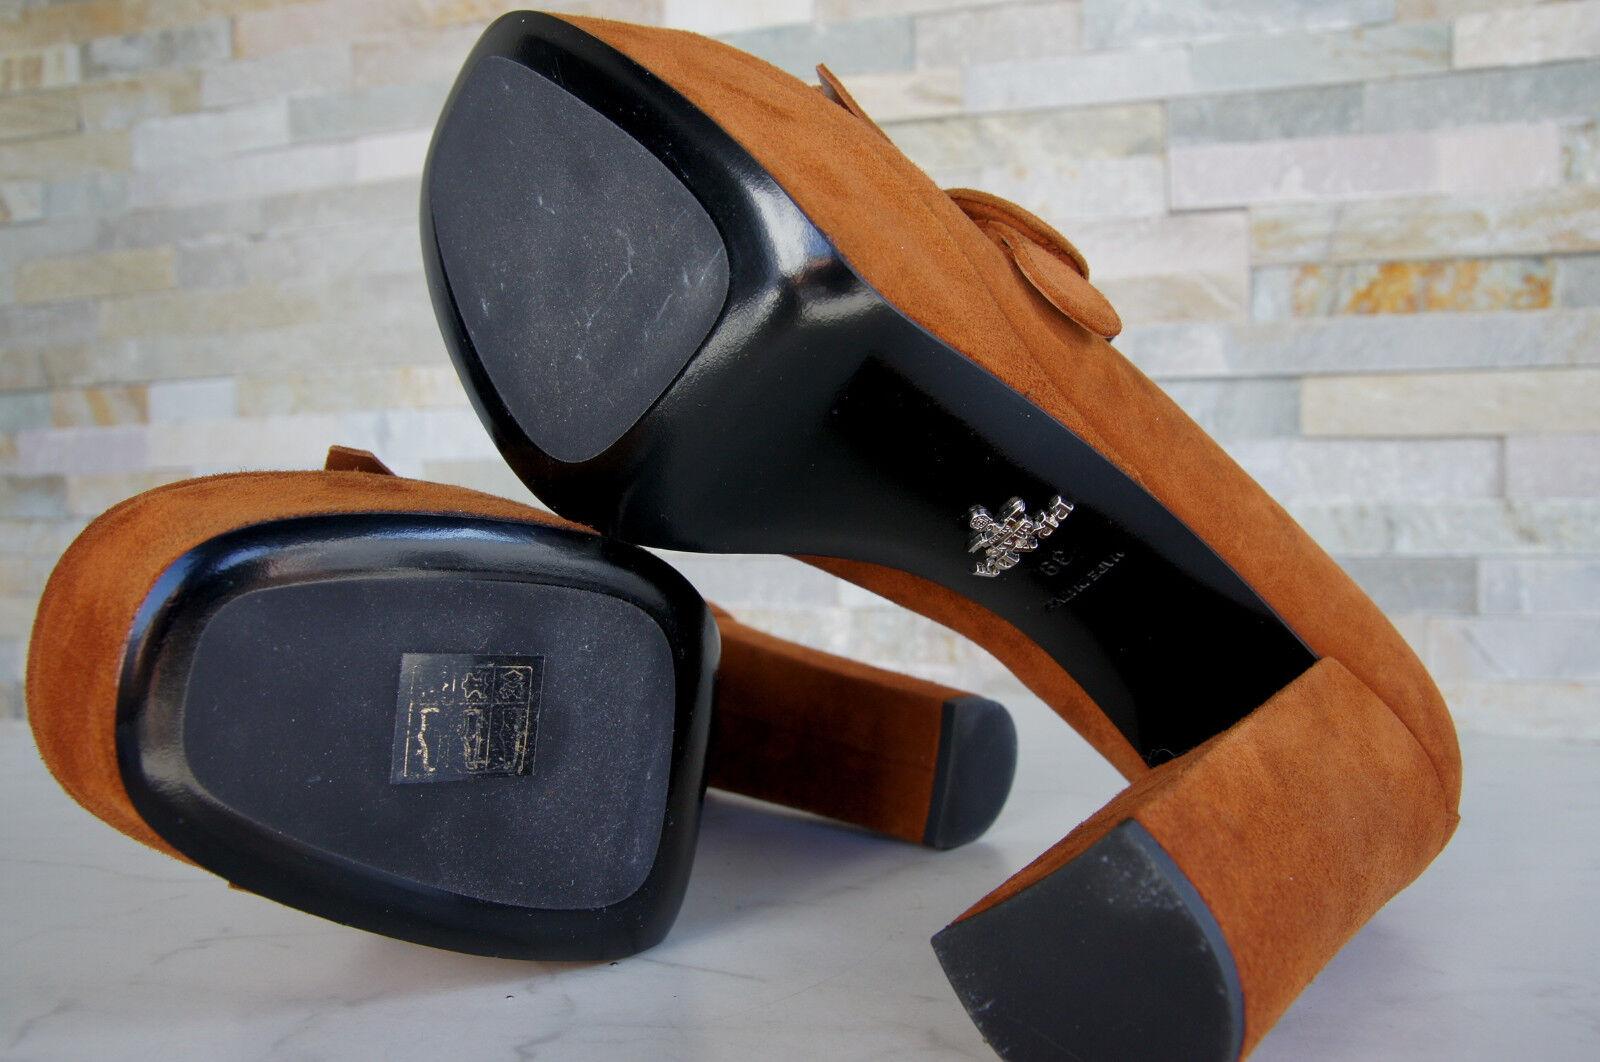 Luxus Prada Gr 1D889G 37 Pumps Plateau Schuhe Heels 1D889G Gr braun neu 84c709